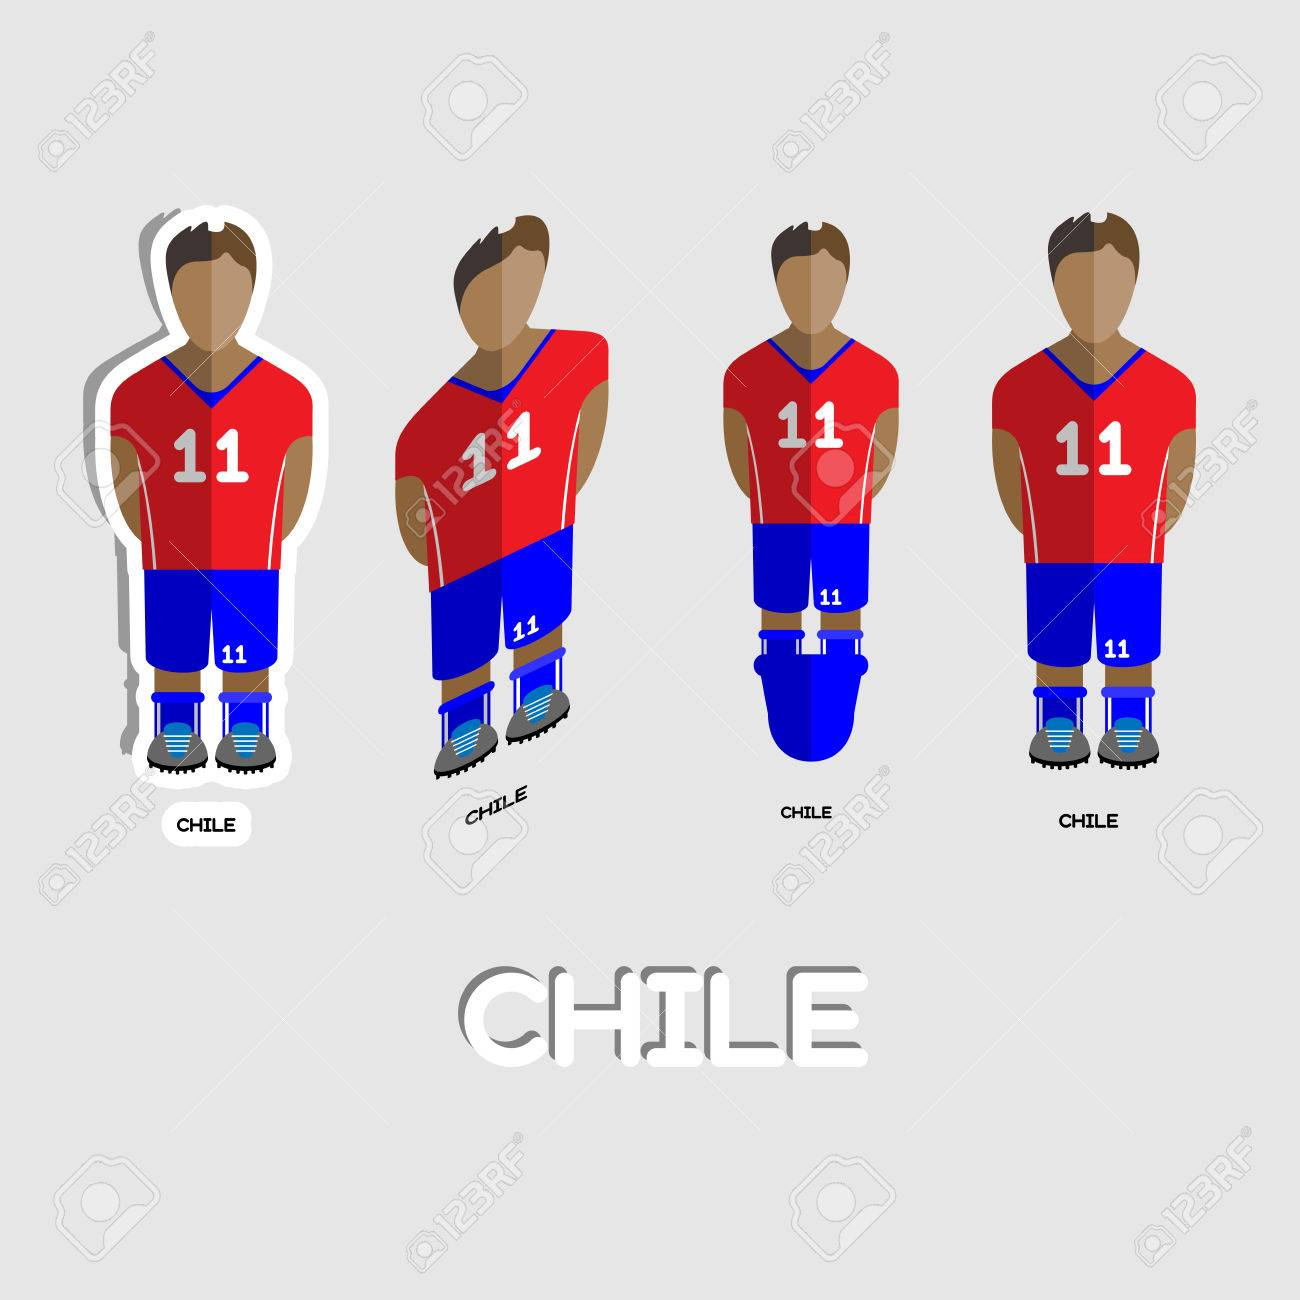 97d248a747001 Chile Fútbol Plantilla De Deporte De Equipo. Vista Frontal De La Actividad  Al Aire Libre Ropa De Deporte Para Los Hombres Y Los Niños.